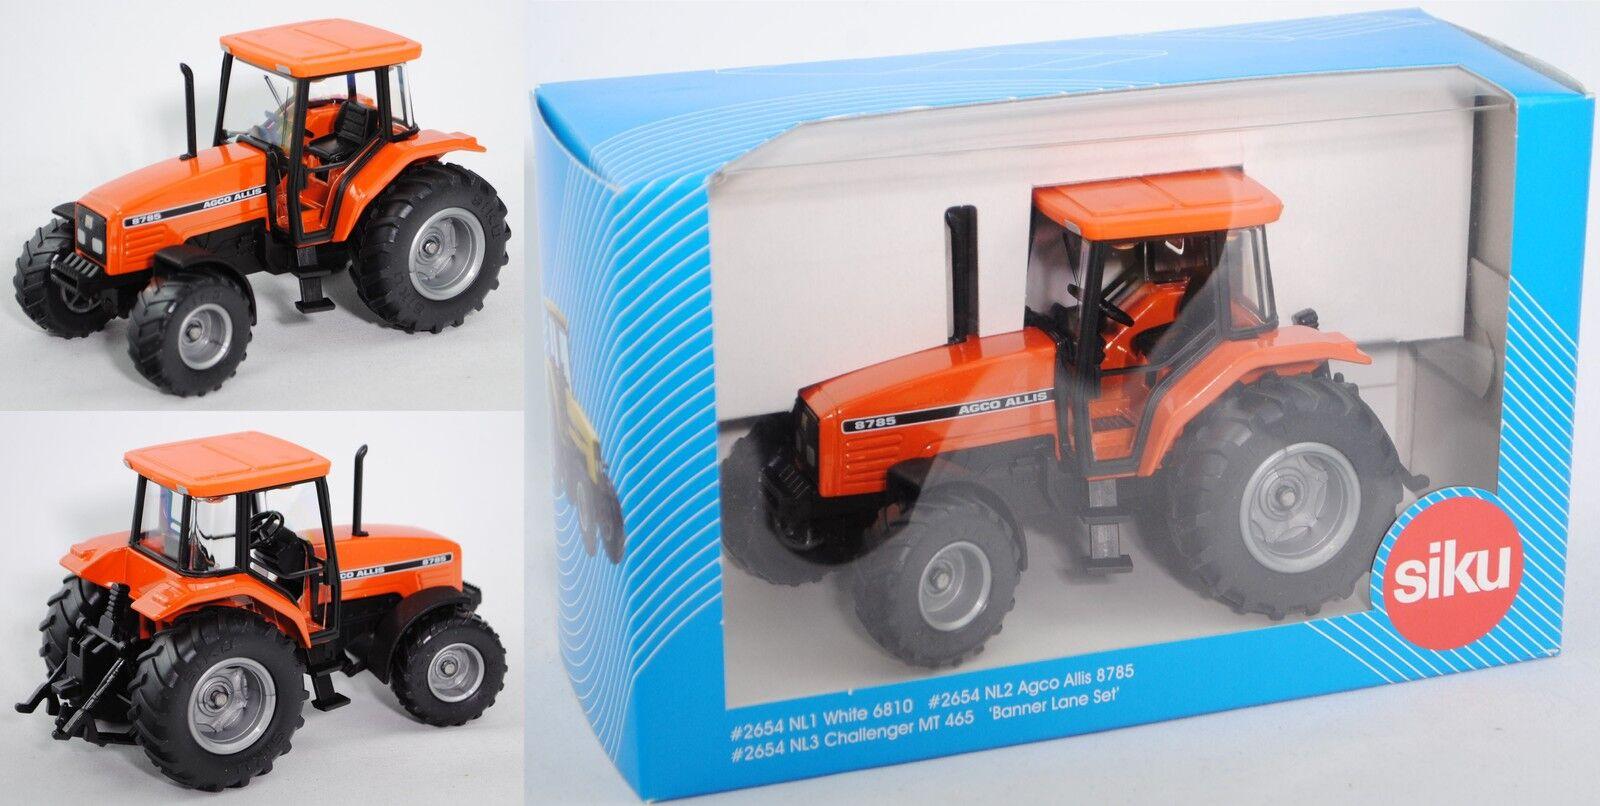 SIKU FARMER 2654 00302 AGCO ALLIS 8785 tracteur, 1 32, publicité Boîte, limitée